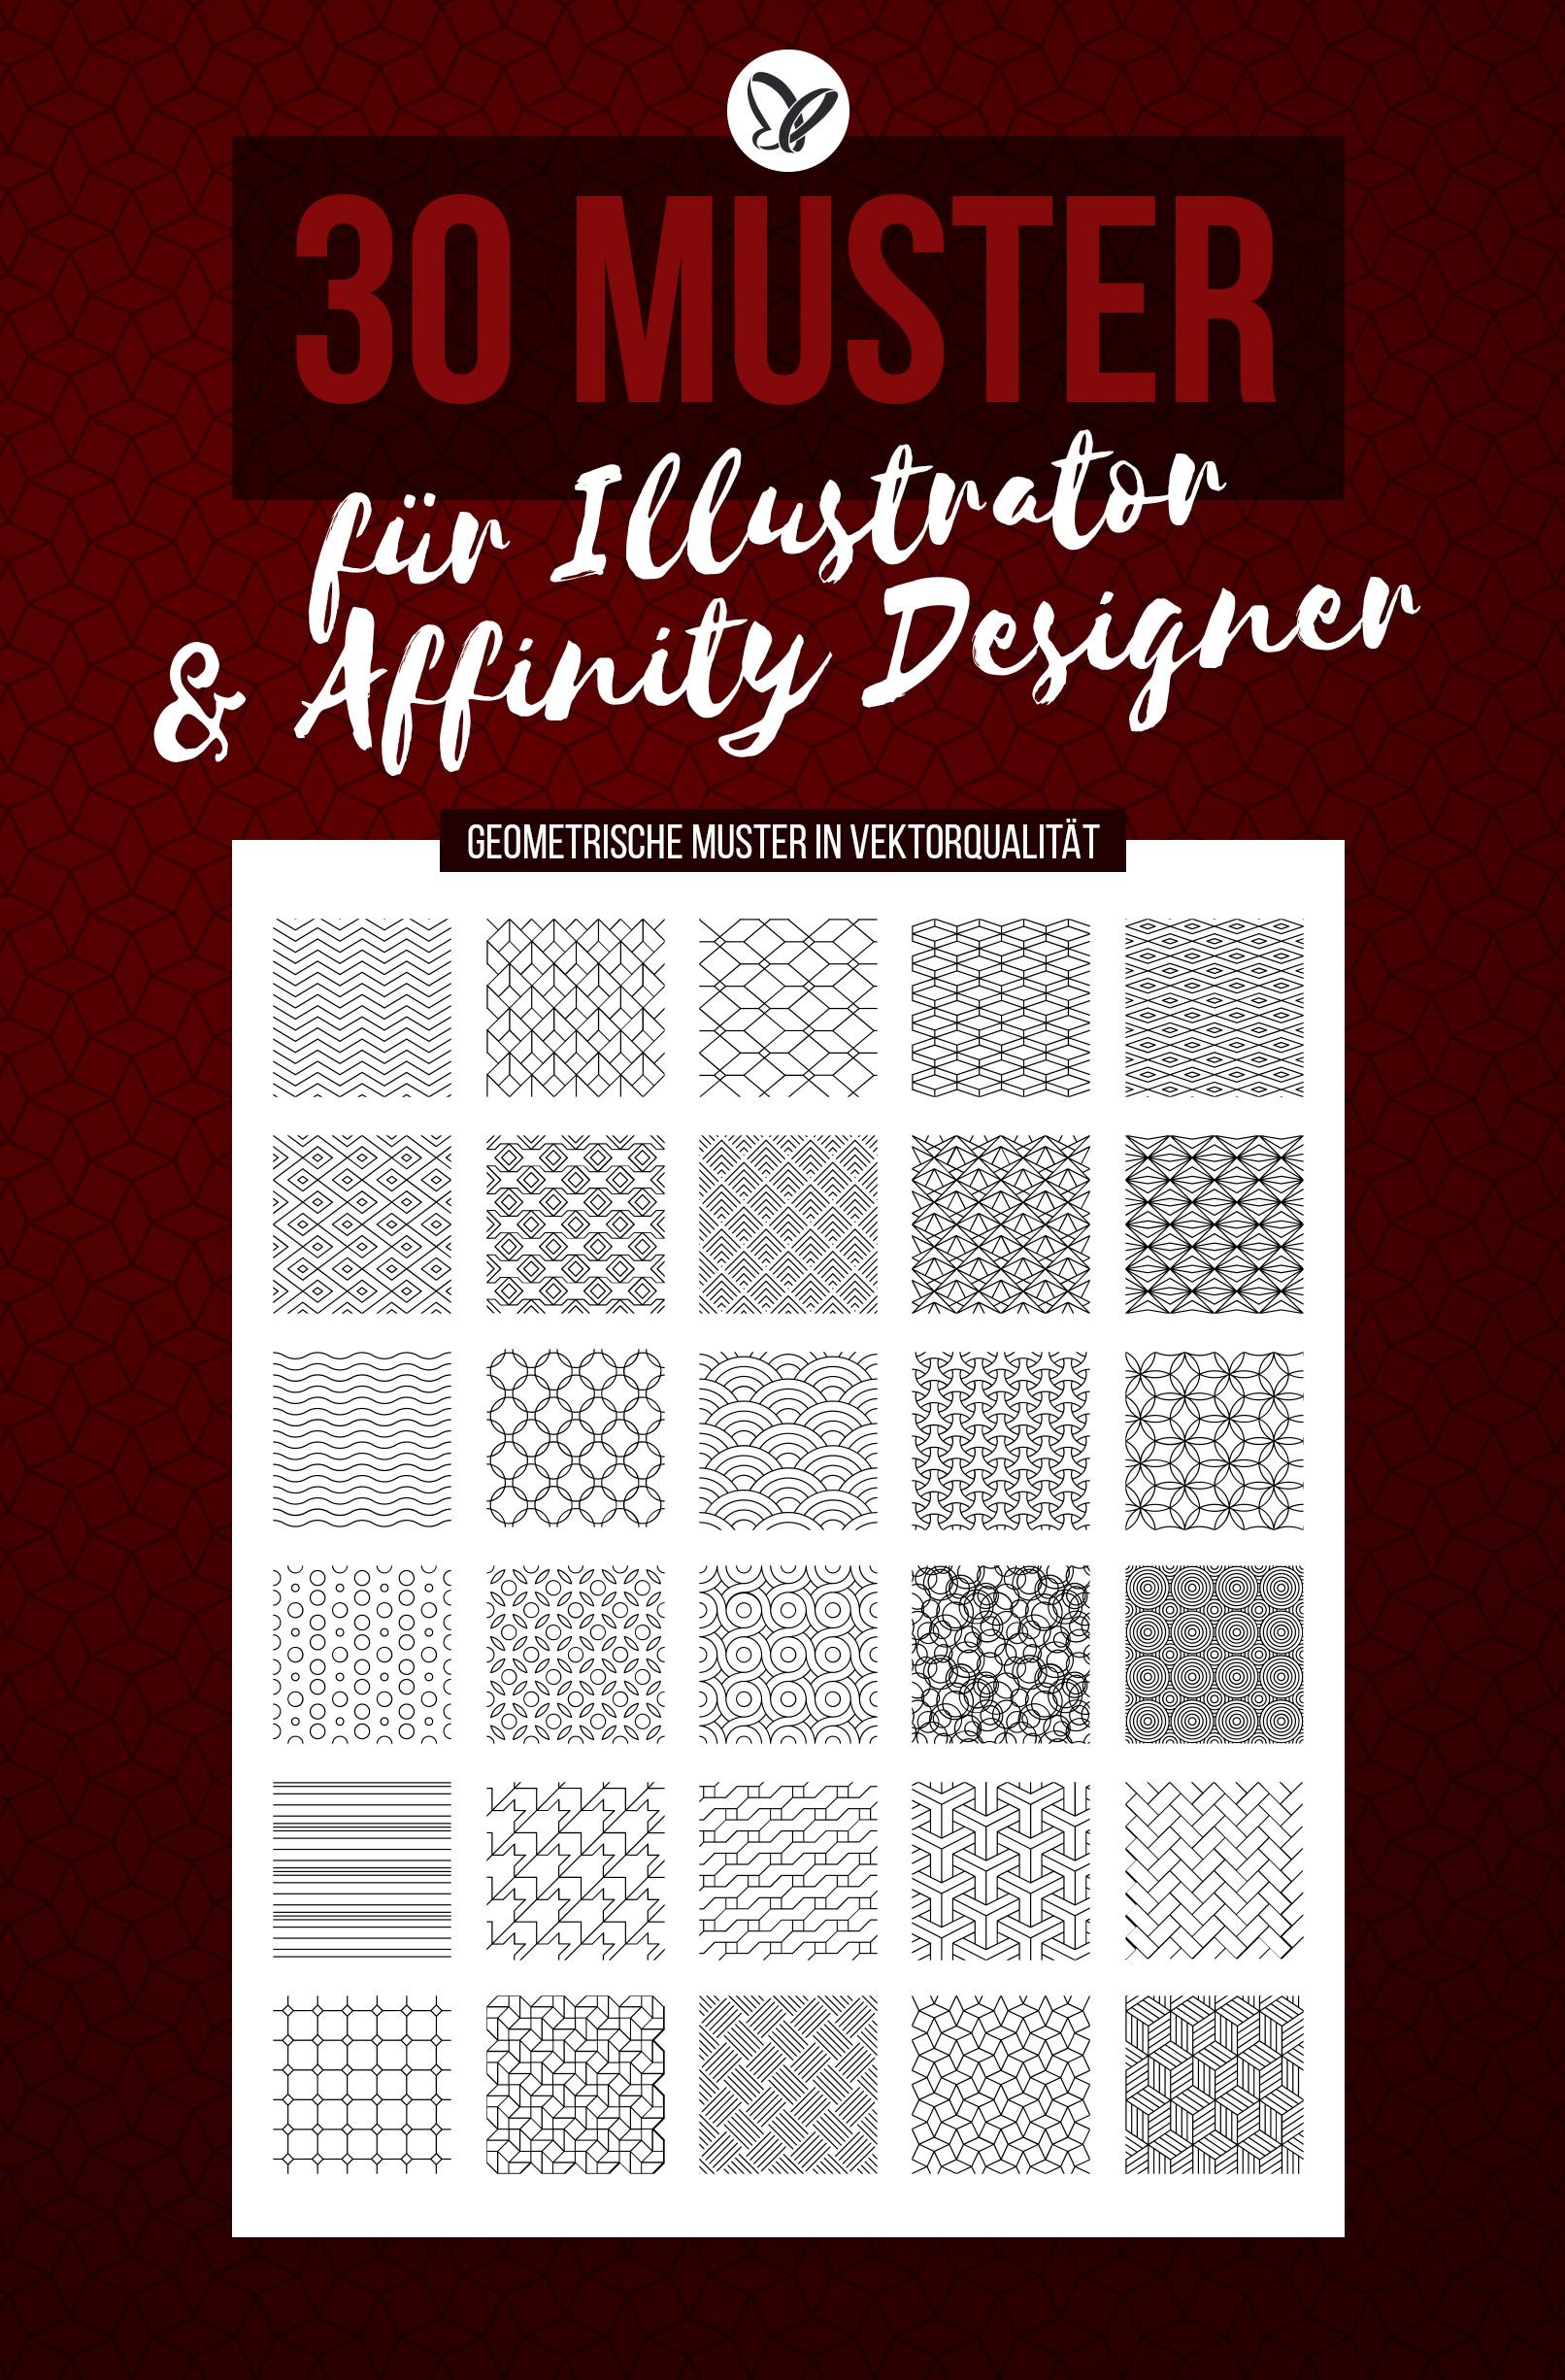 Vorschau auf die 30 vektorbasierten Muster für Adobe Illustrator und Affinity Designer